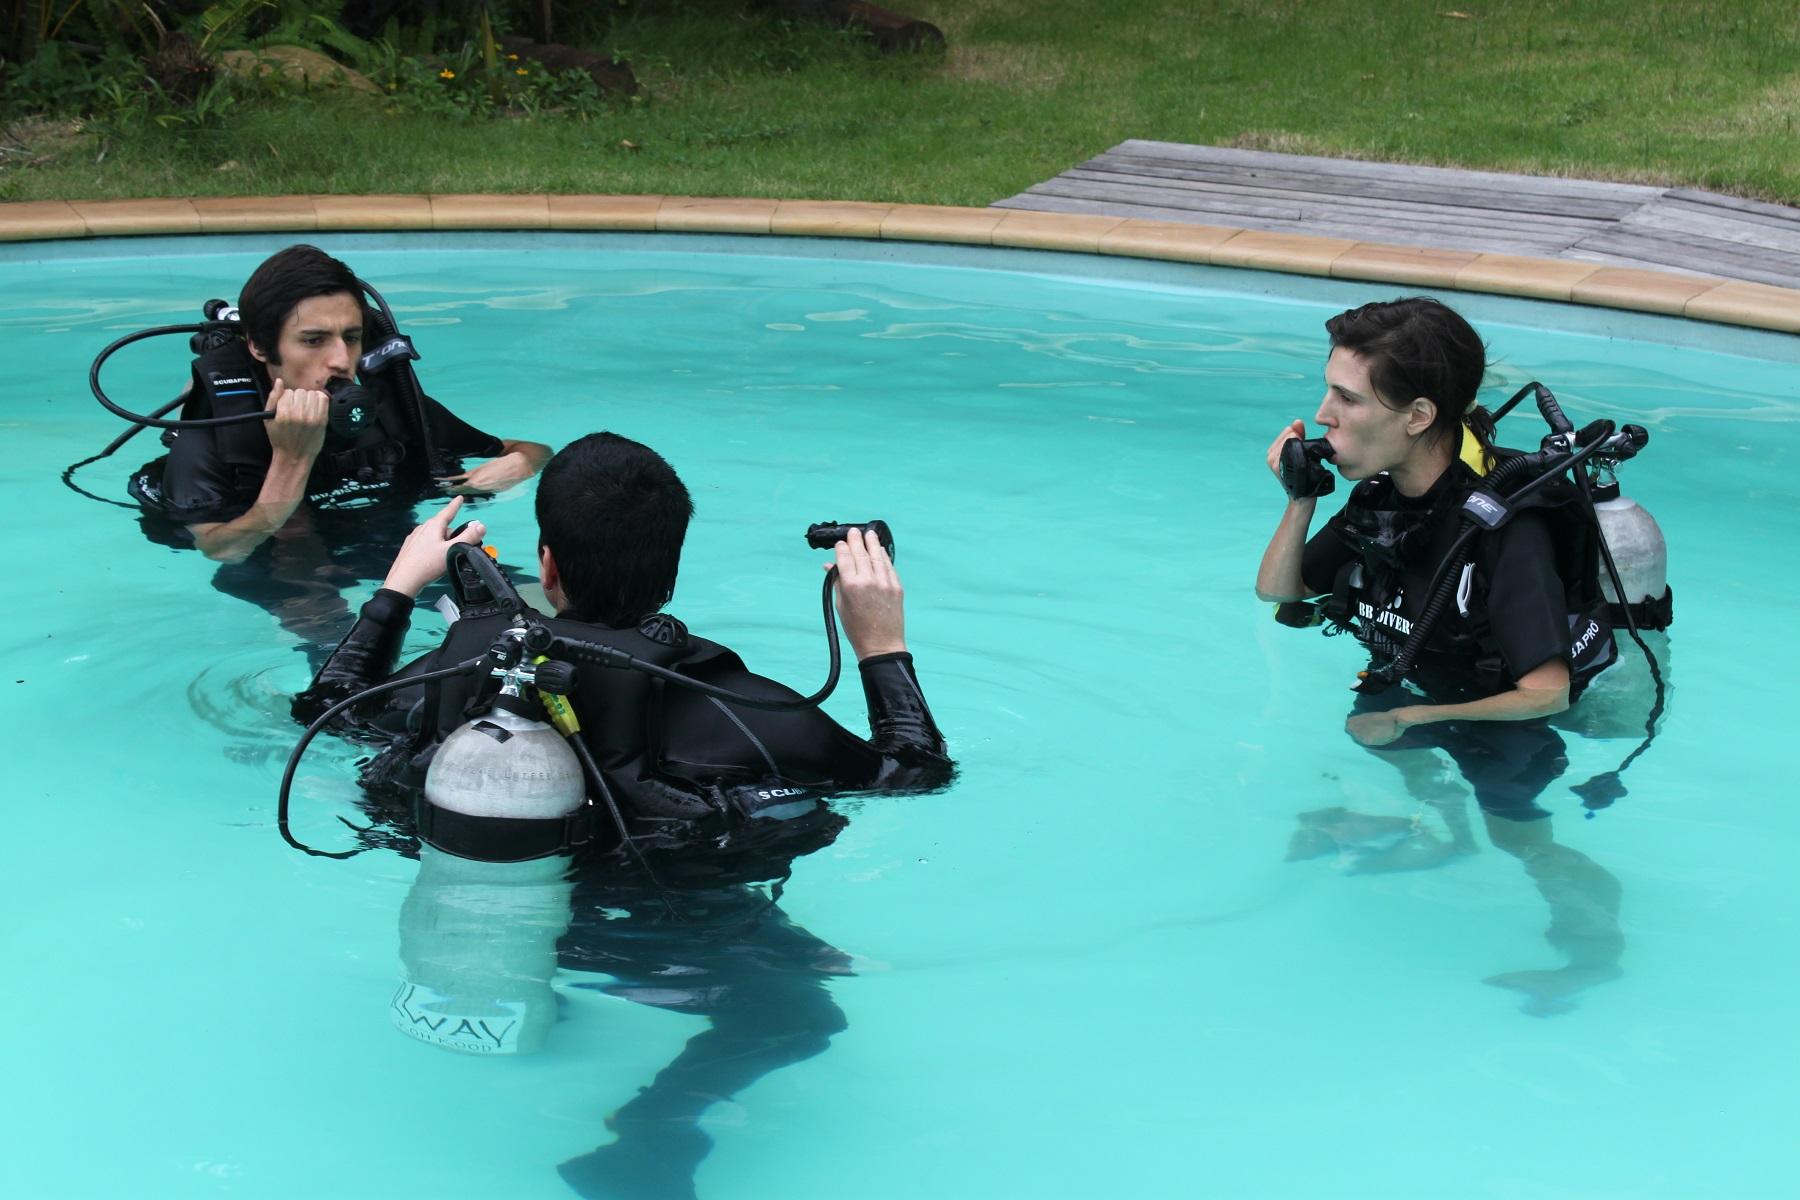 dsd-in-pool-resort